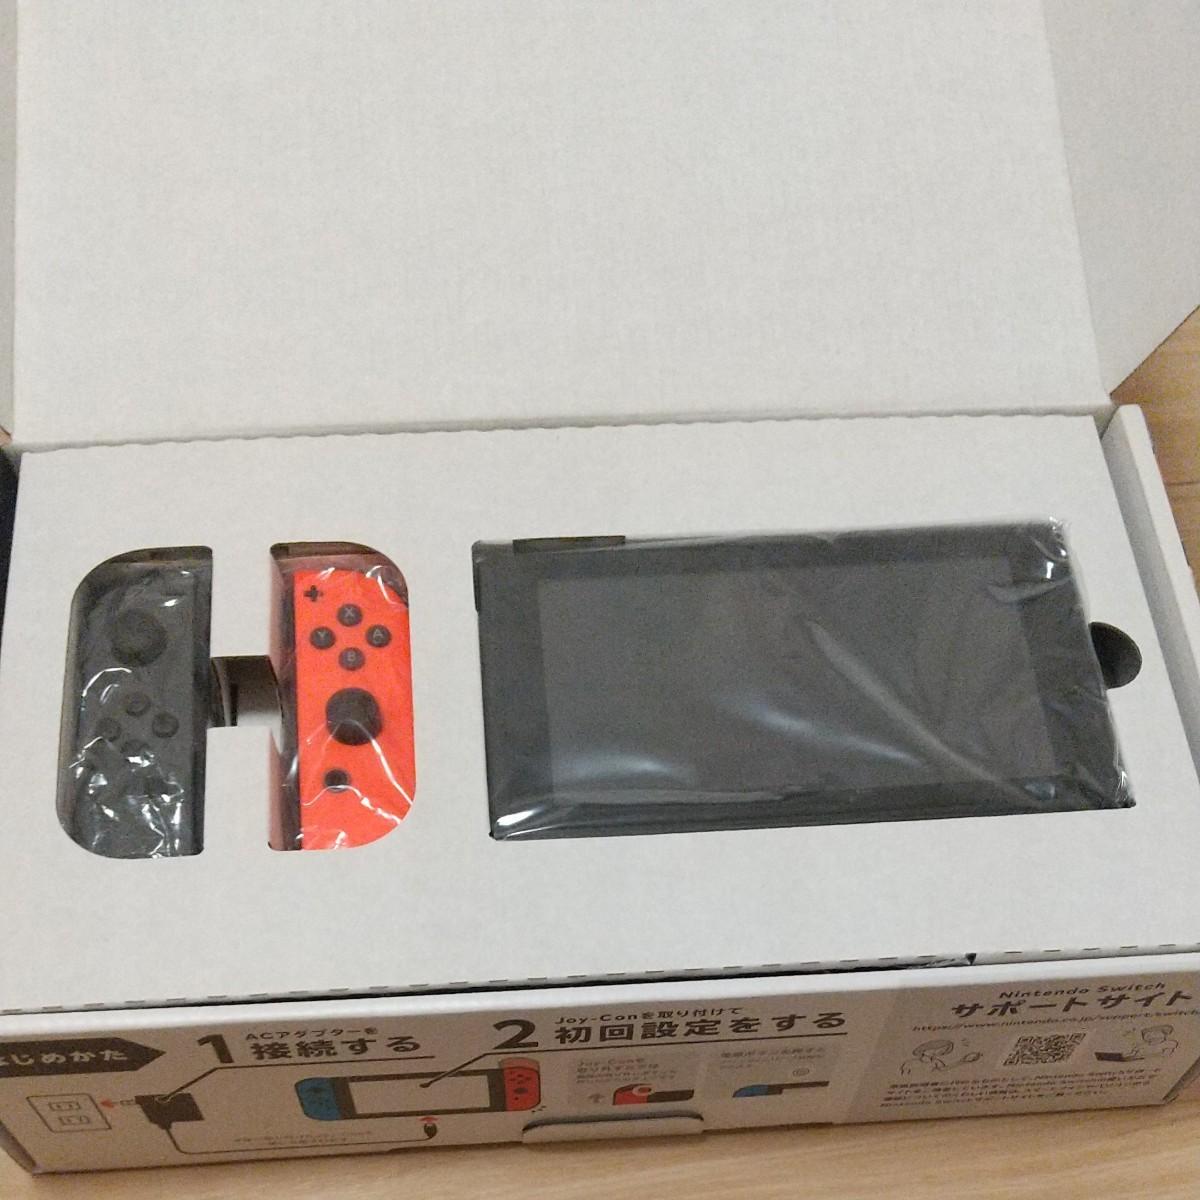 Nintendo Switch ニンテンドースイッチ本体 ニンテンドースイッチ ポーチ  ジョイコングレー&ネオンレッド